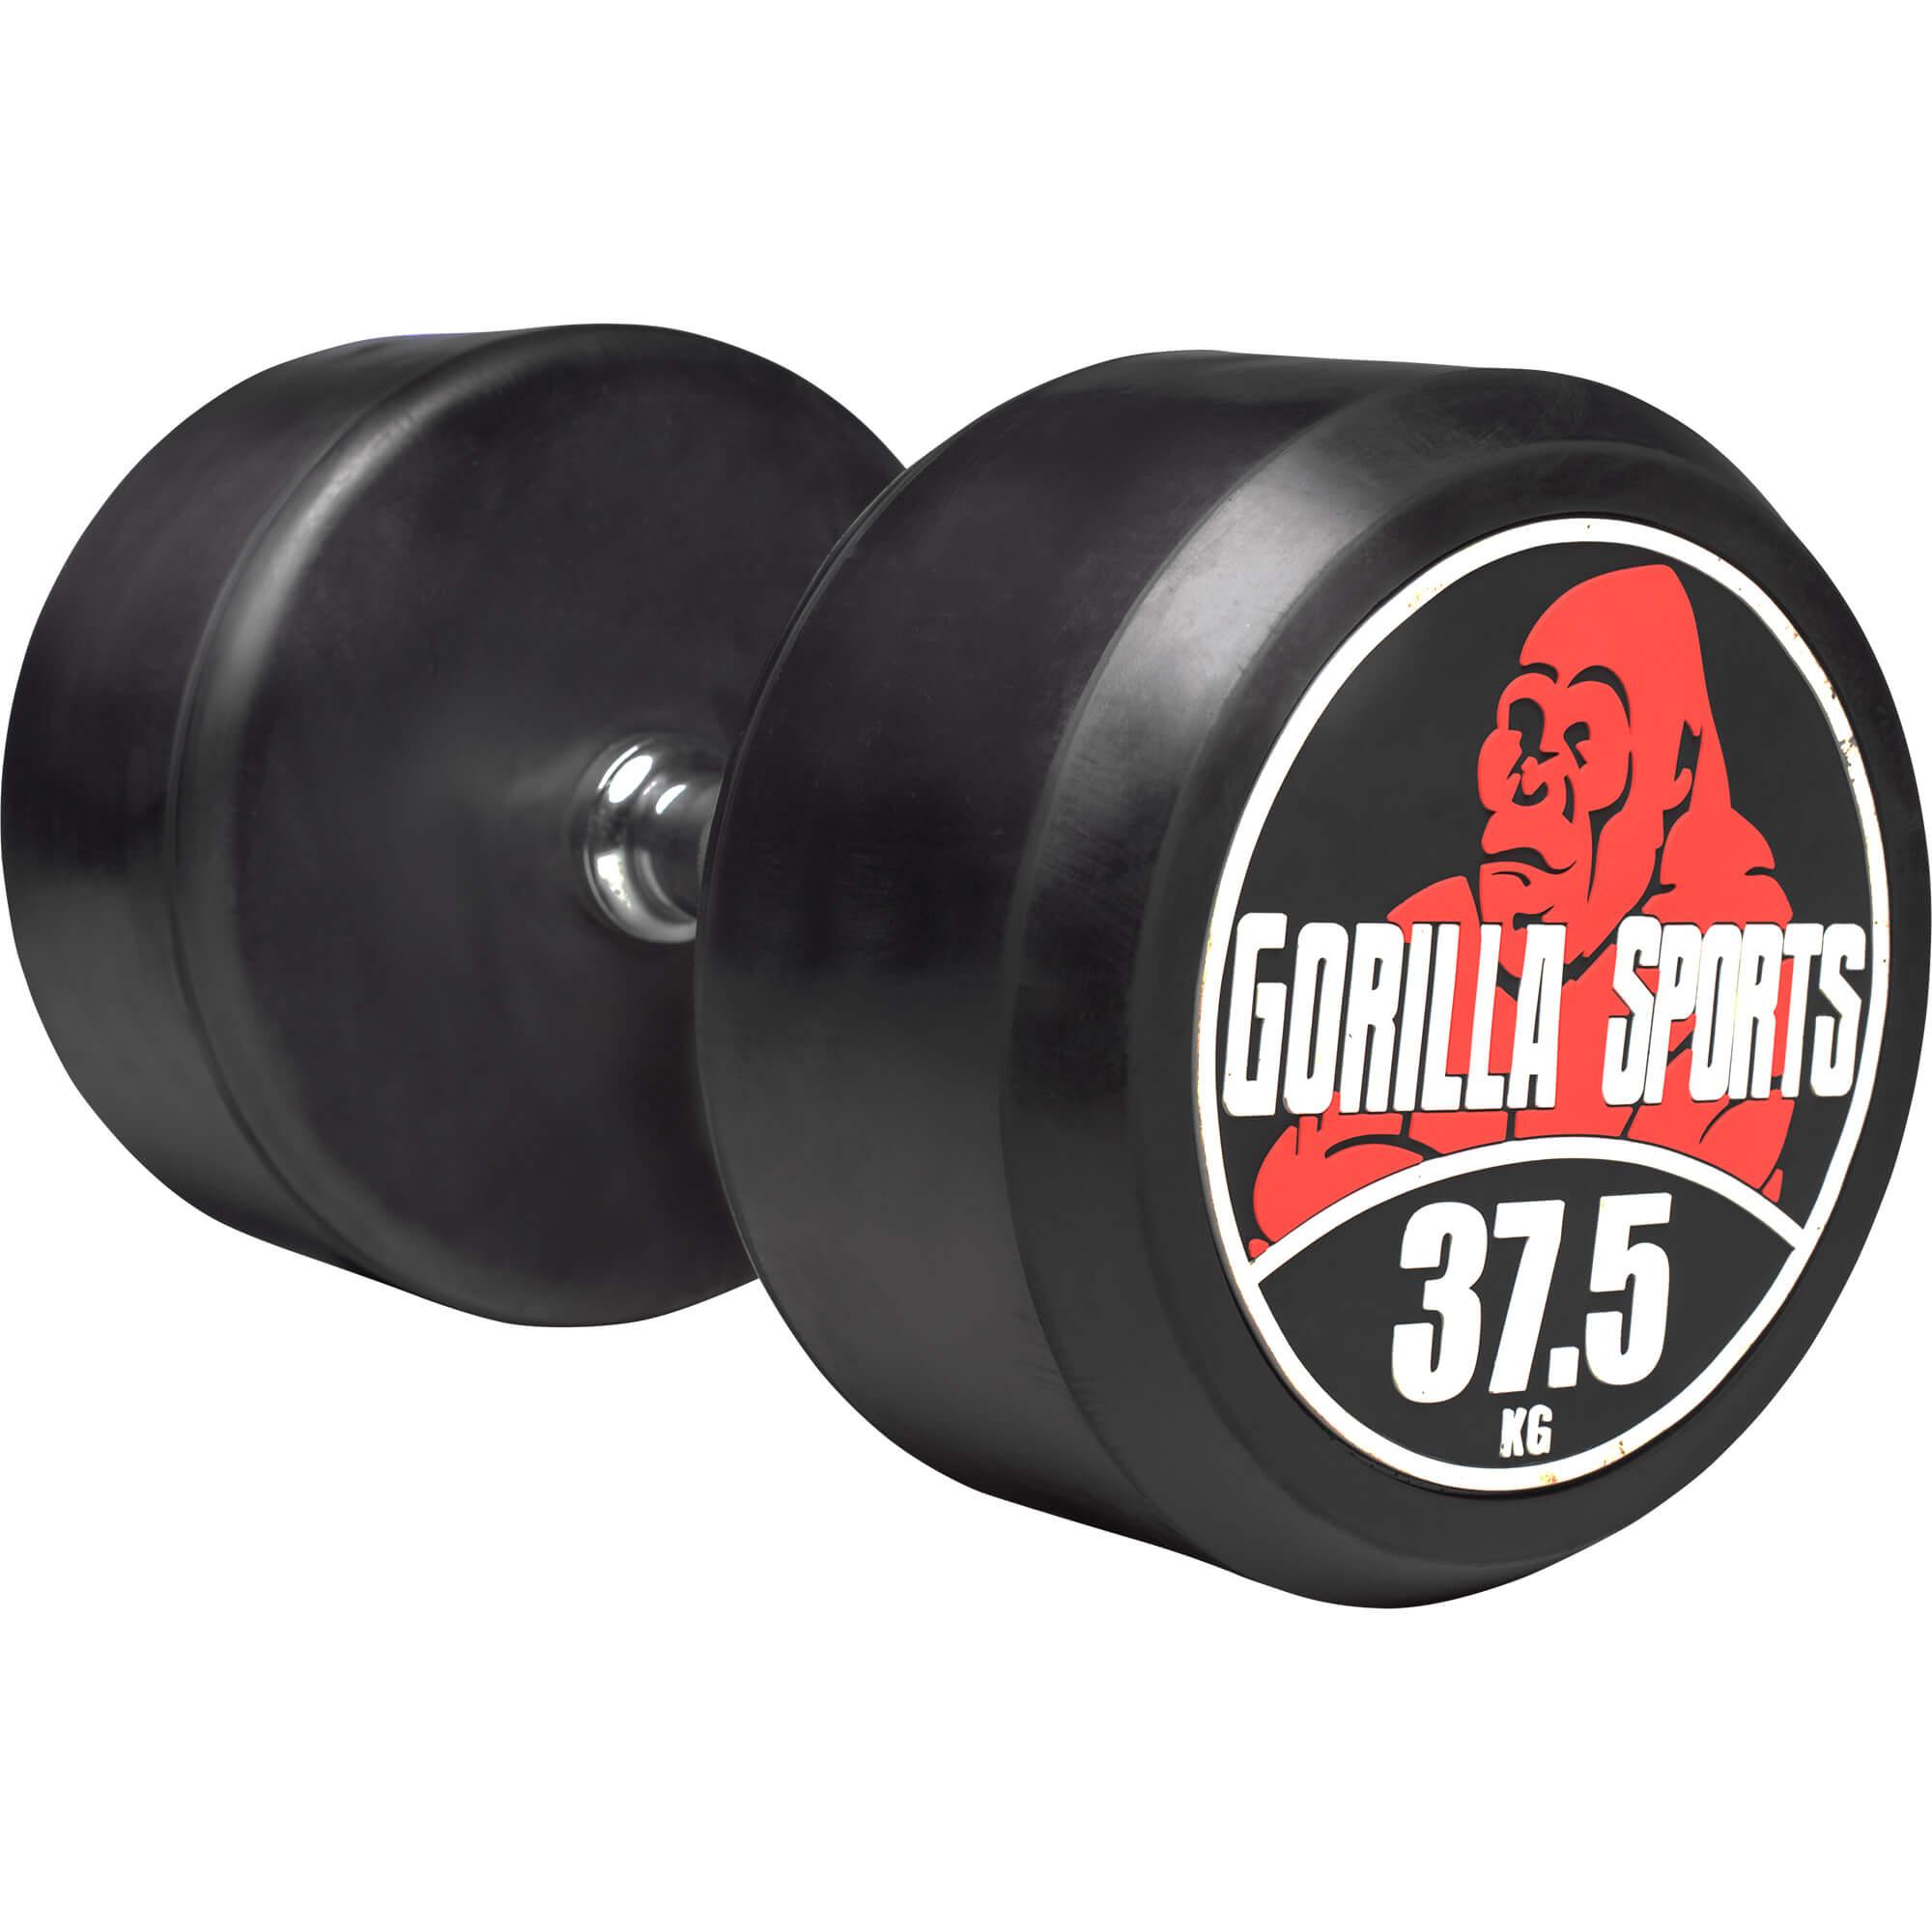 Gorilla Sports Rundhantel Schwarz/Rot 37,5 kg 100532-00049-0037